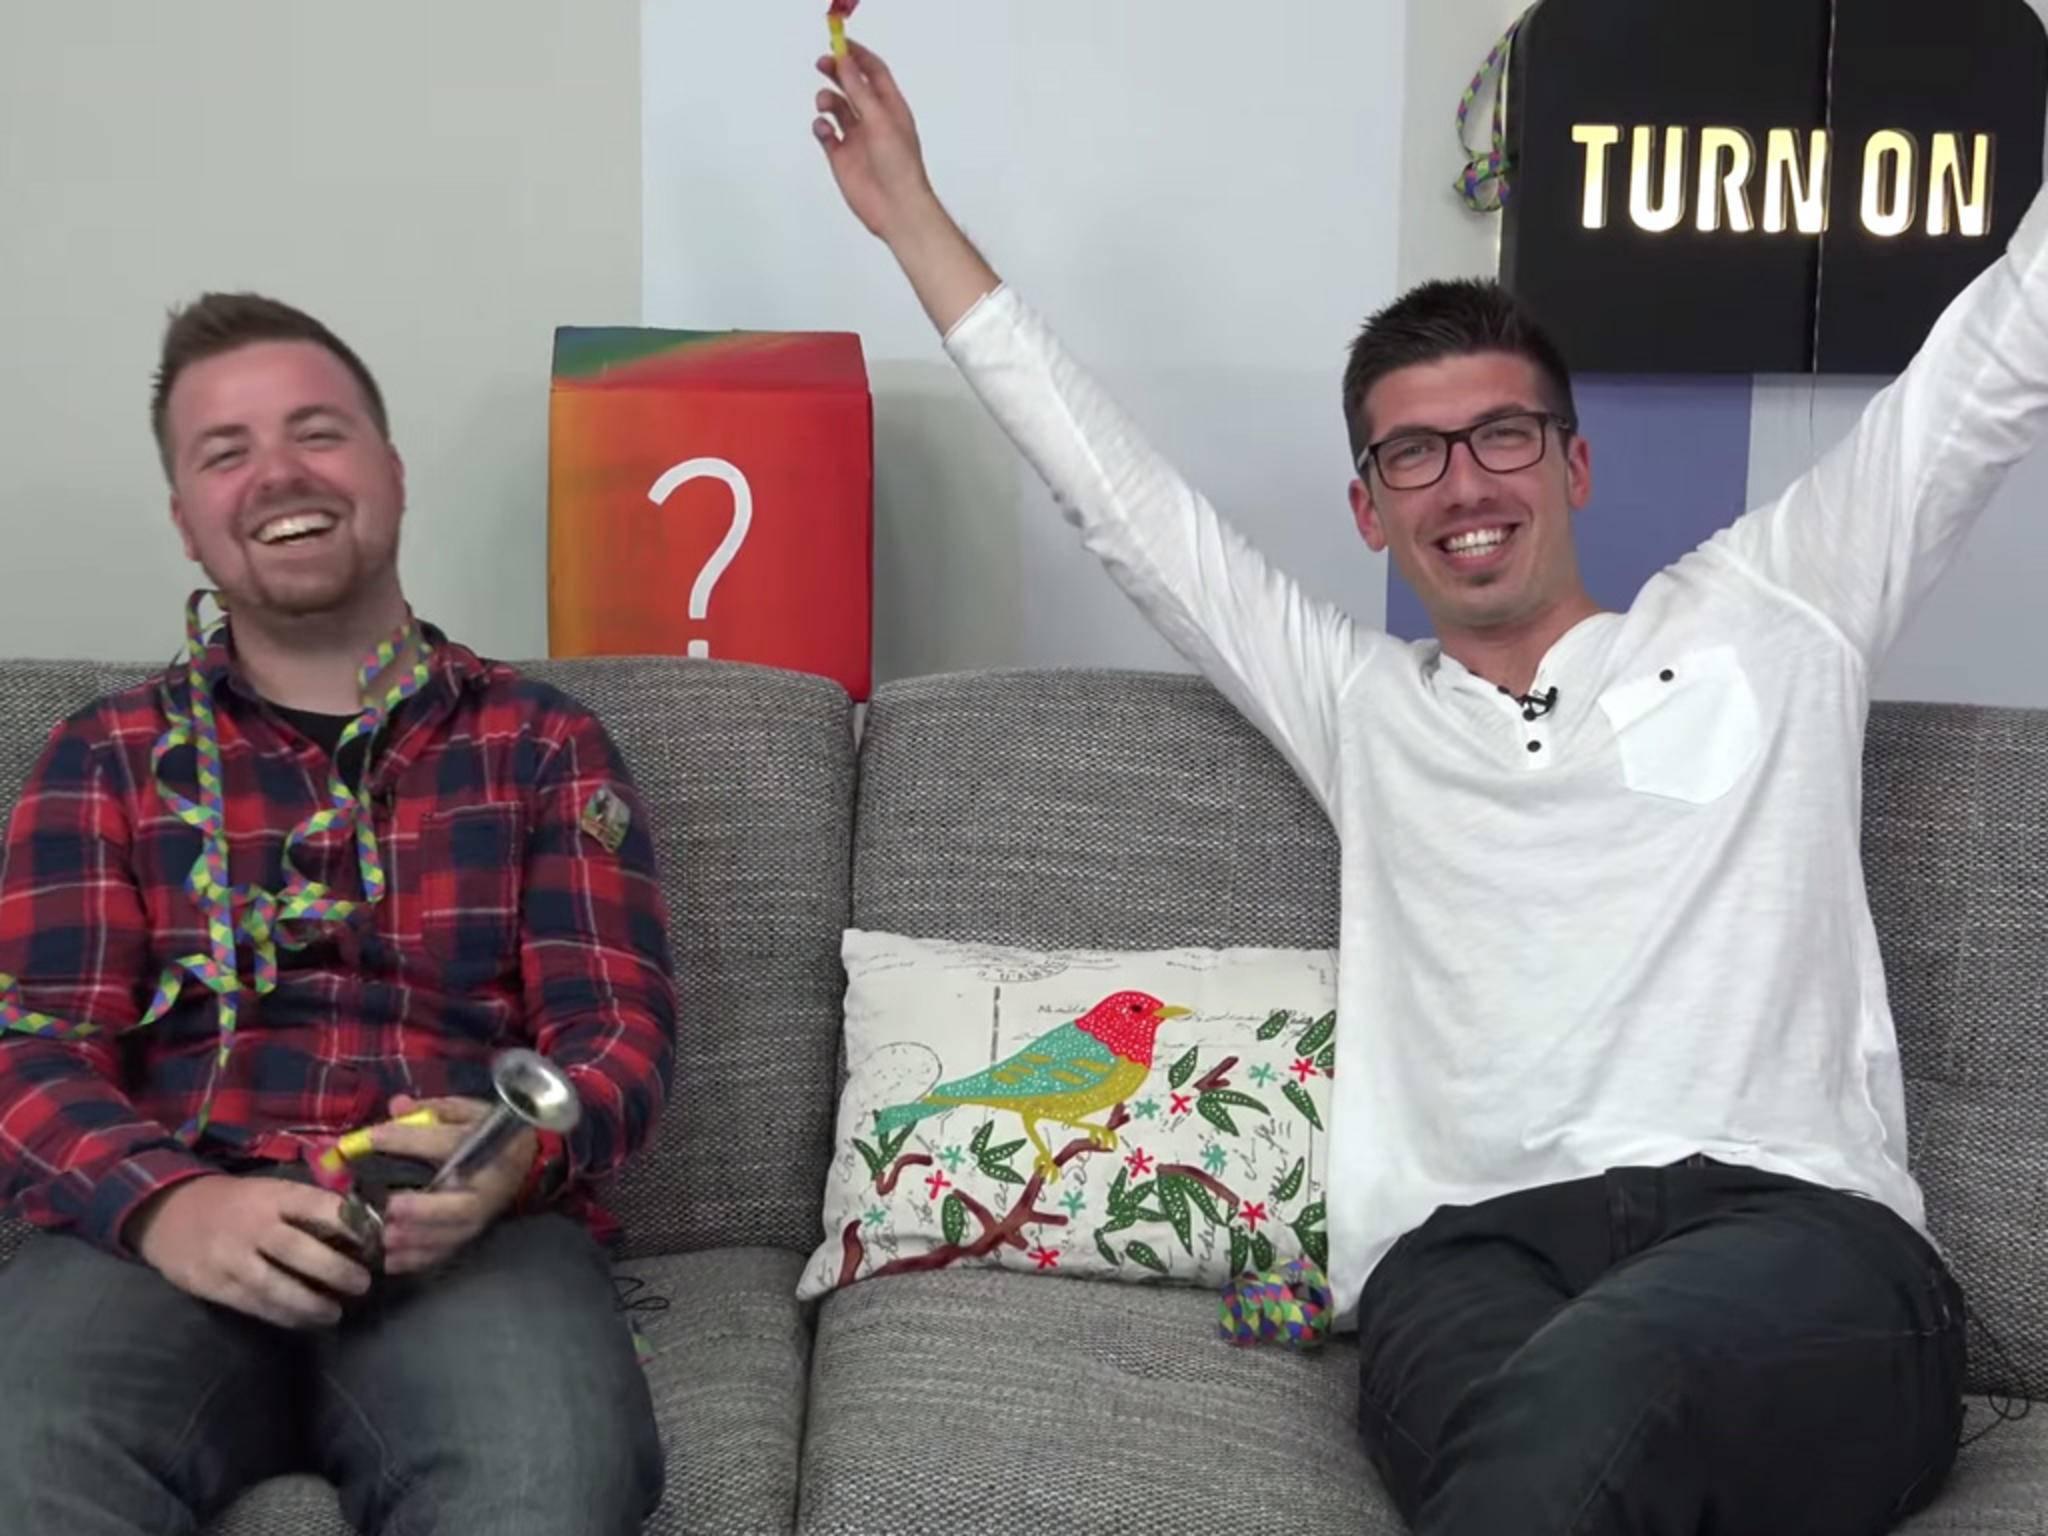 Jens und Alex jubeln: Der YoTube-Kanal hat die magische Zahl von 100.000 Abonnenten erreicht.